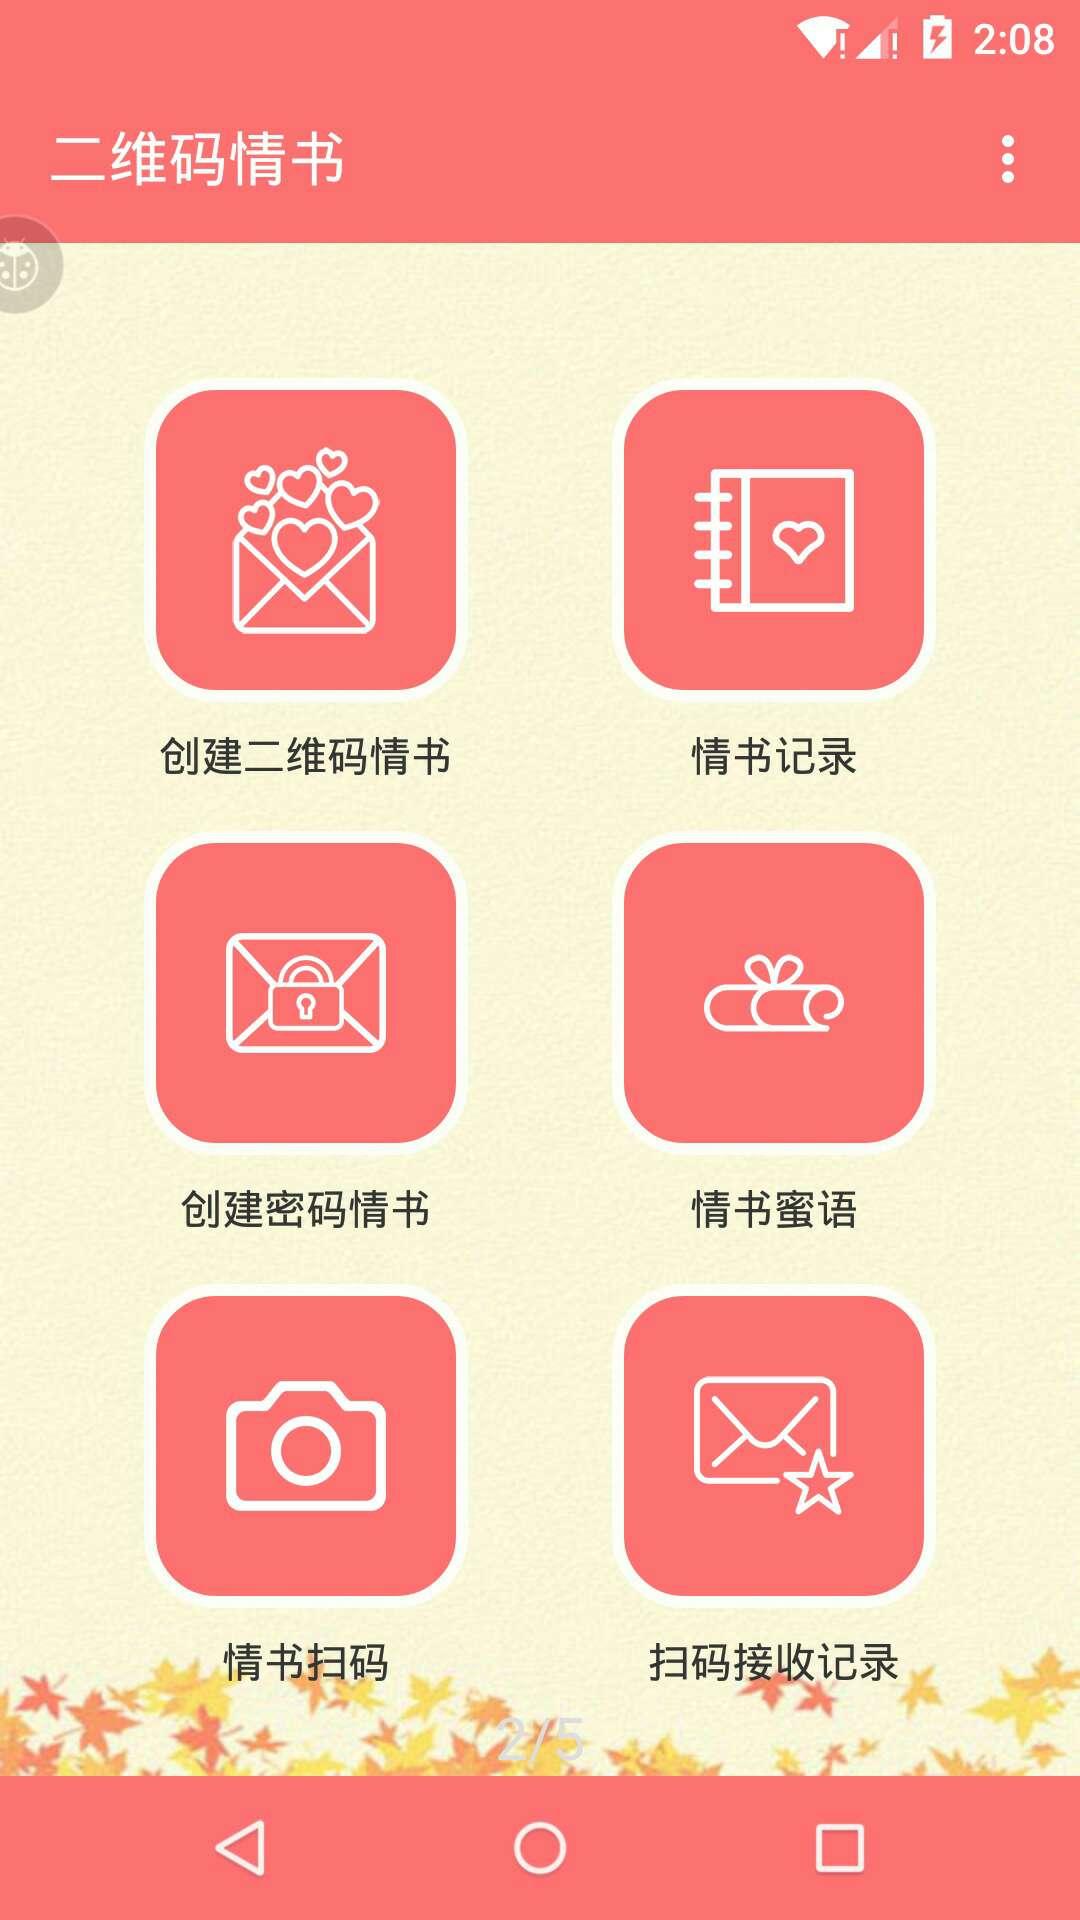 【资源分享】二维码情书-爱小助